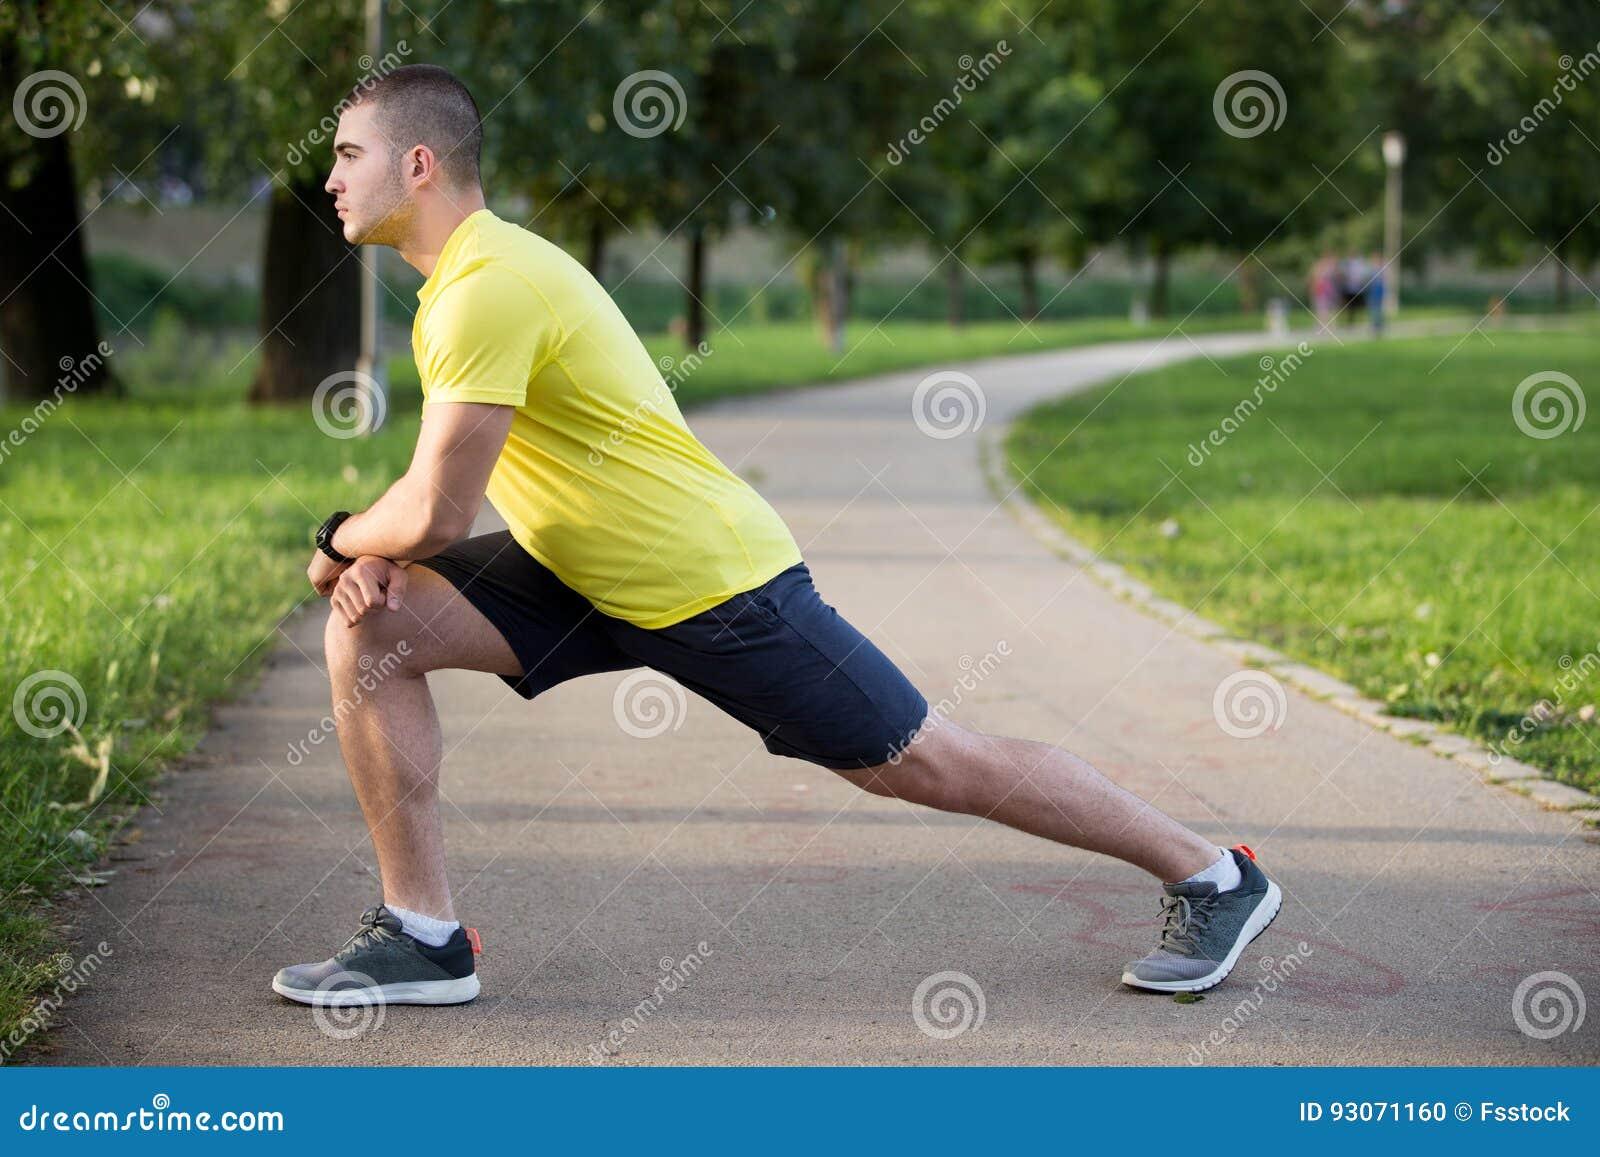 Sprawność fizyczna mężczyzna rozciągania ręki ramię przed plenerowym treningiem Sporty męska atleta w miastowy parkowy rozgrzewko